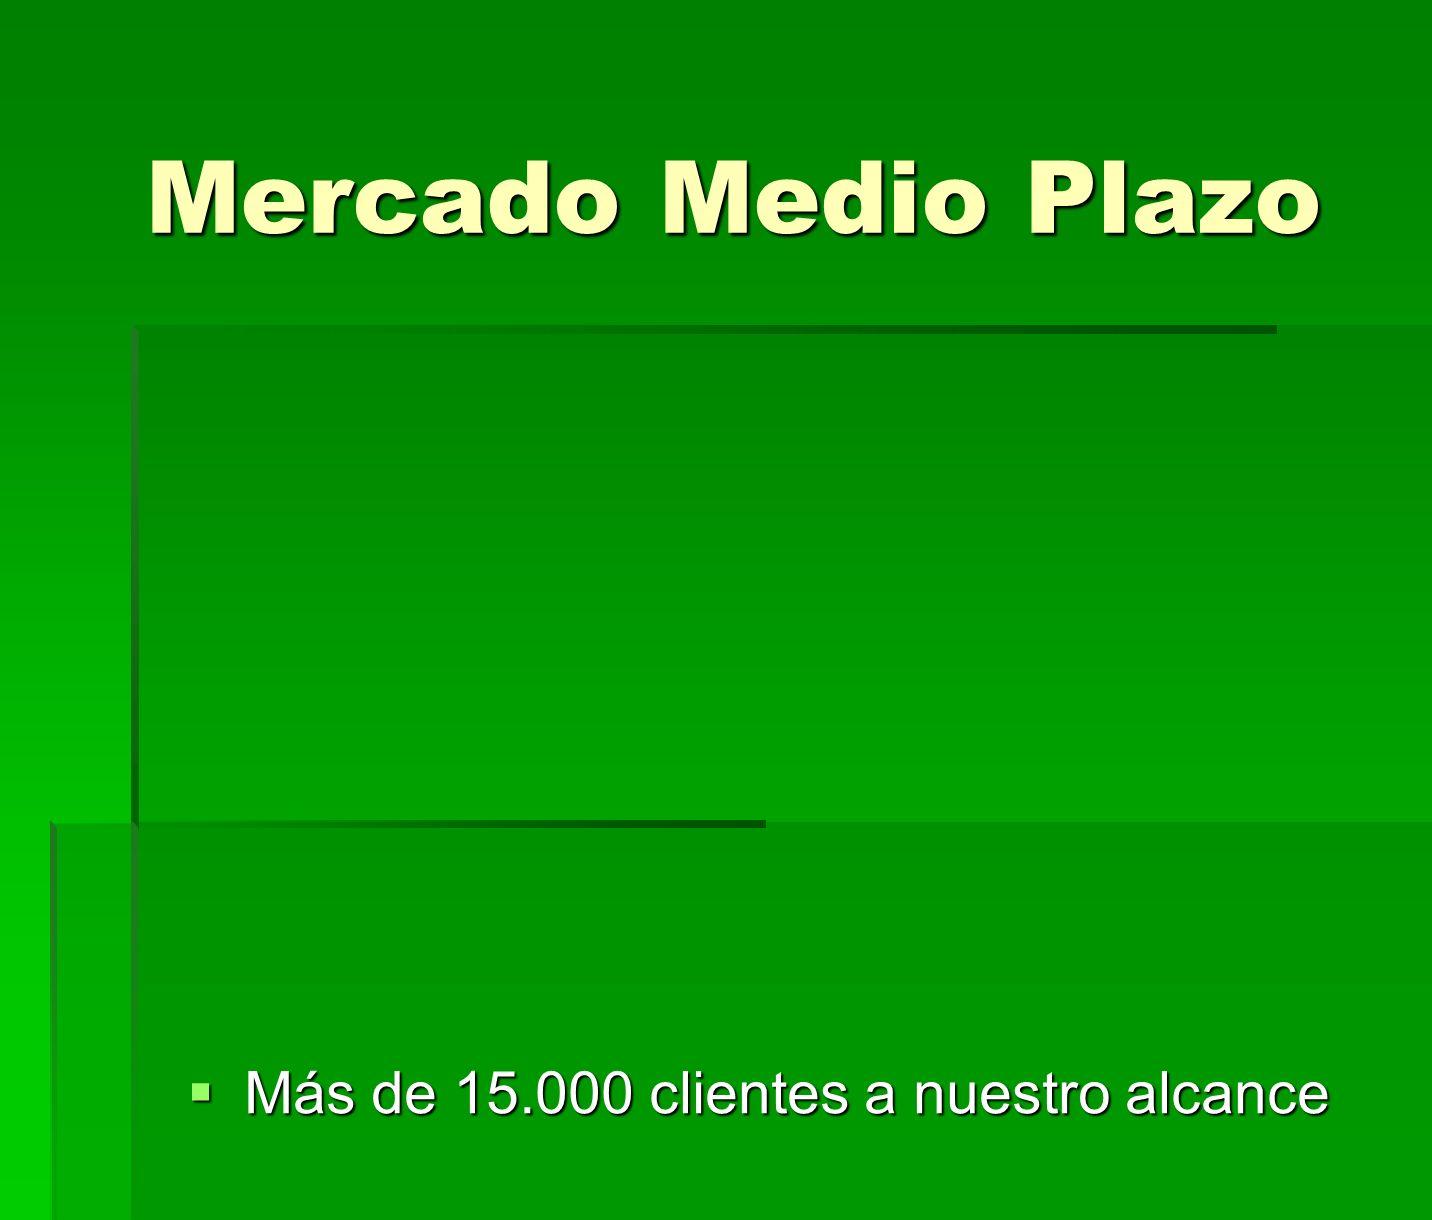 Mercado Medio Plazo Más de 15.000 clientes a nuestro alcance